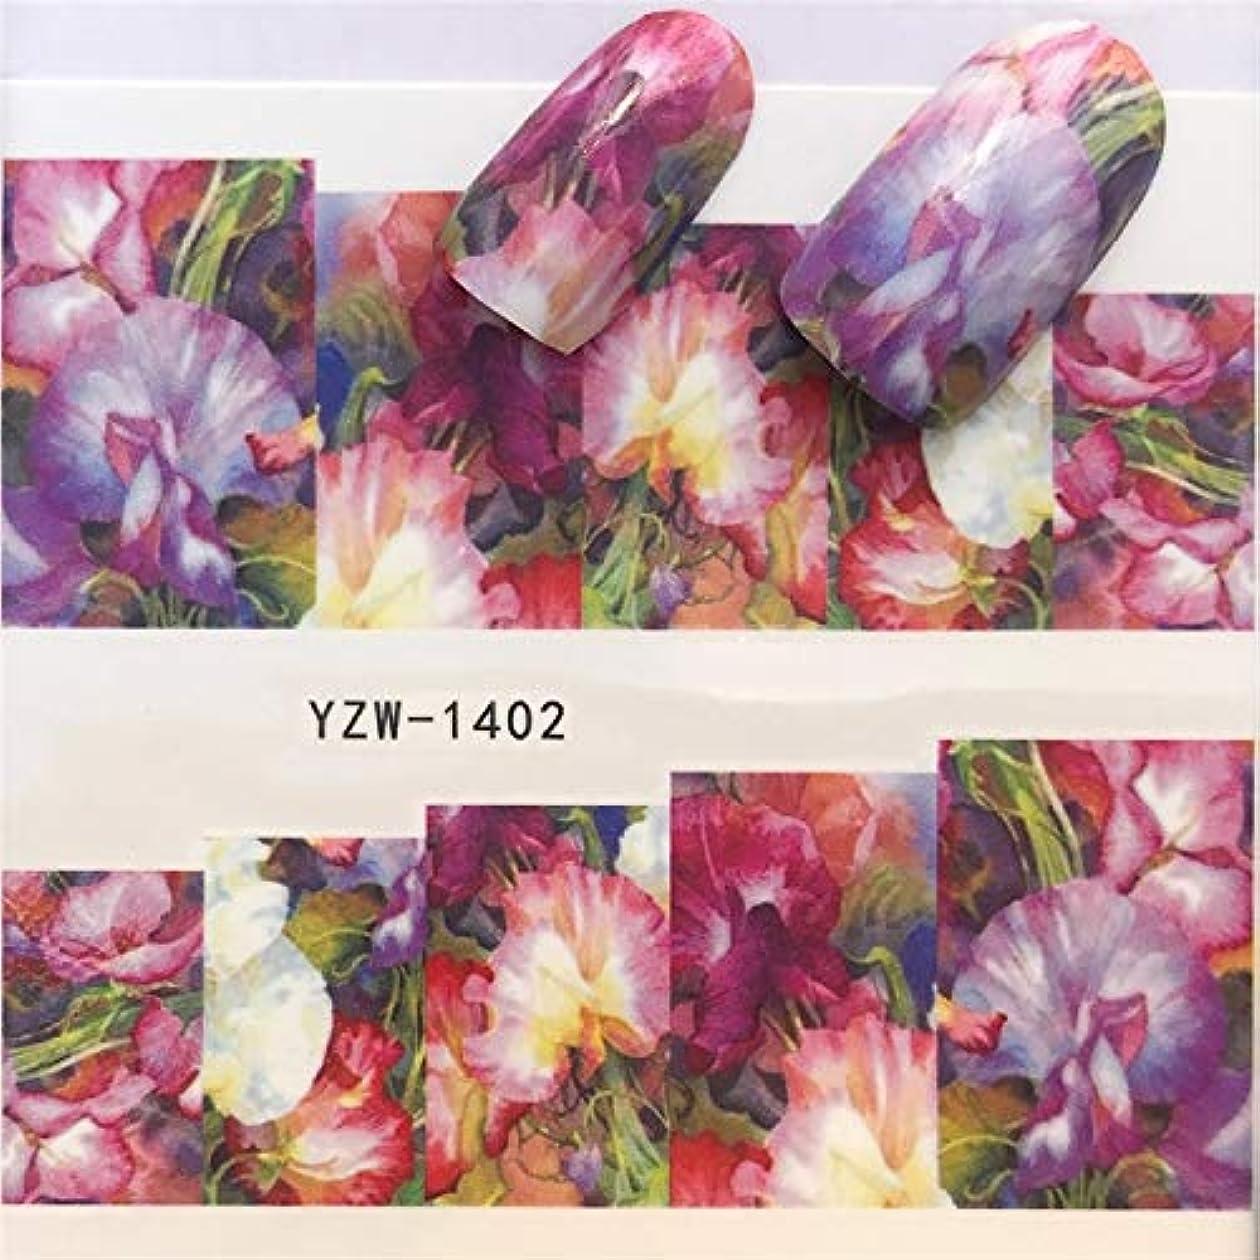 すみません腰ふつうYan 3個ネイルステッカーセットデカール水転写スライダーネイルアートデコレーション、色:YZW 1402